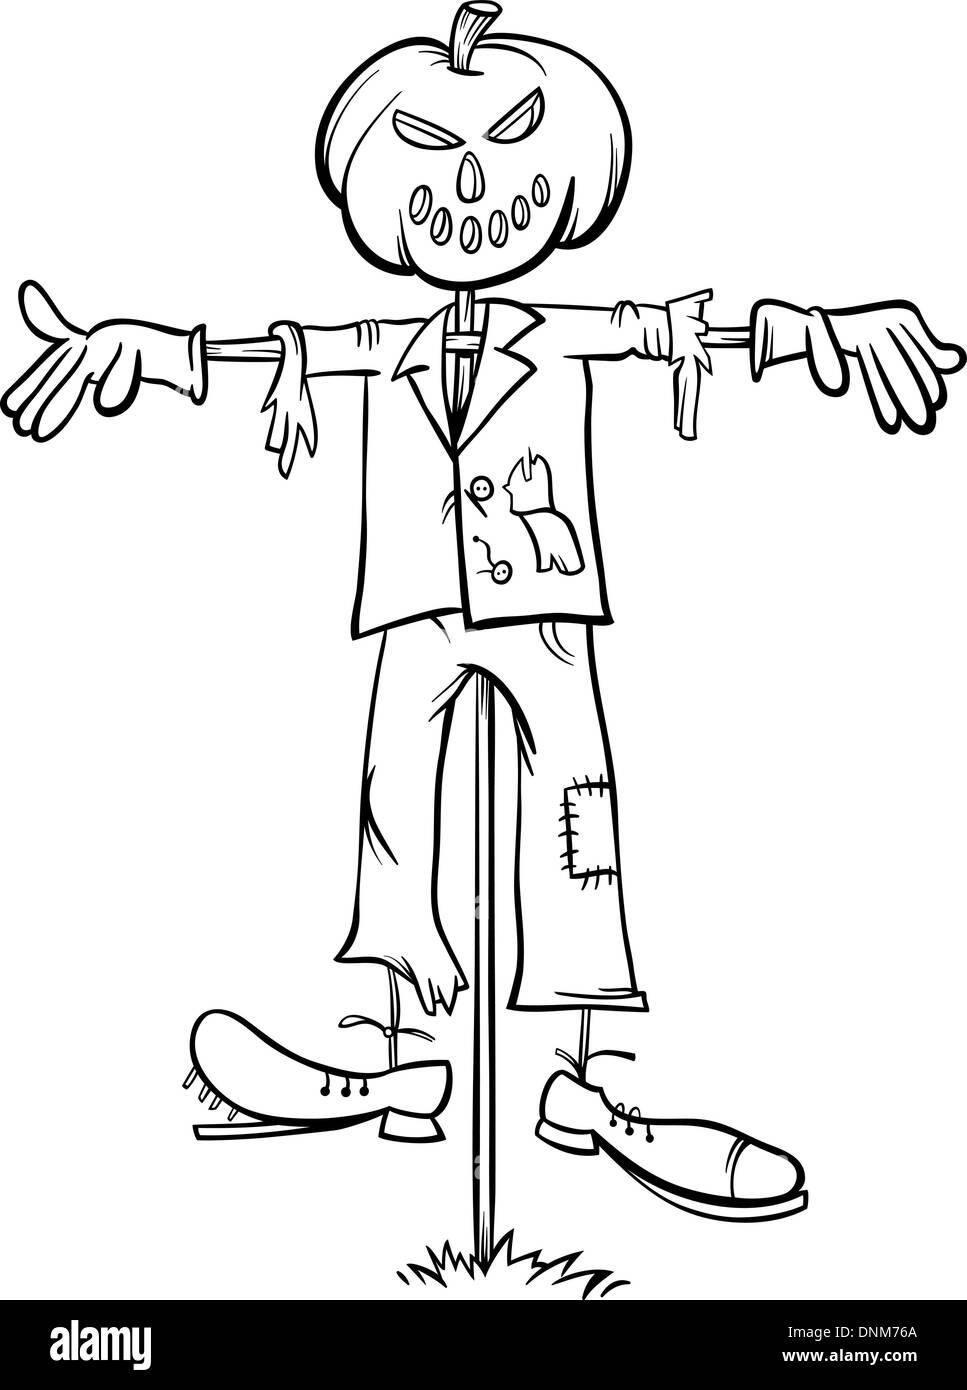 preto e branco cartoon ilustração do assustador halloween scarecrow